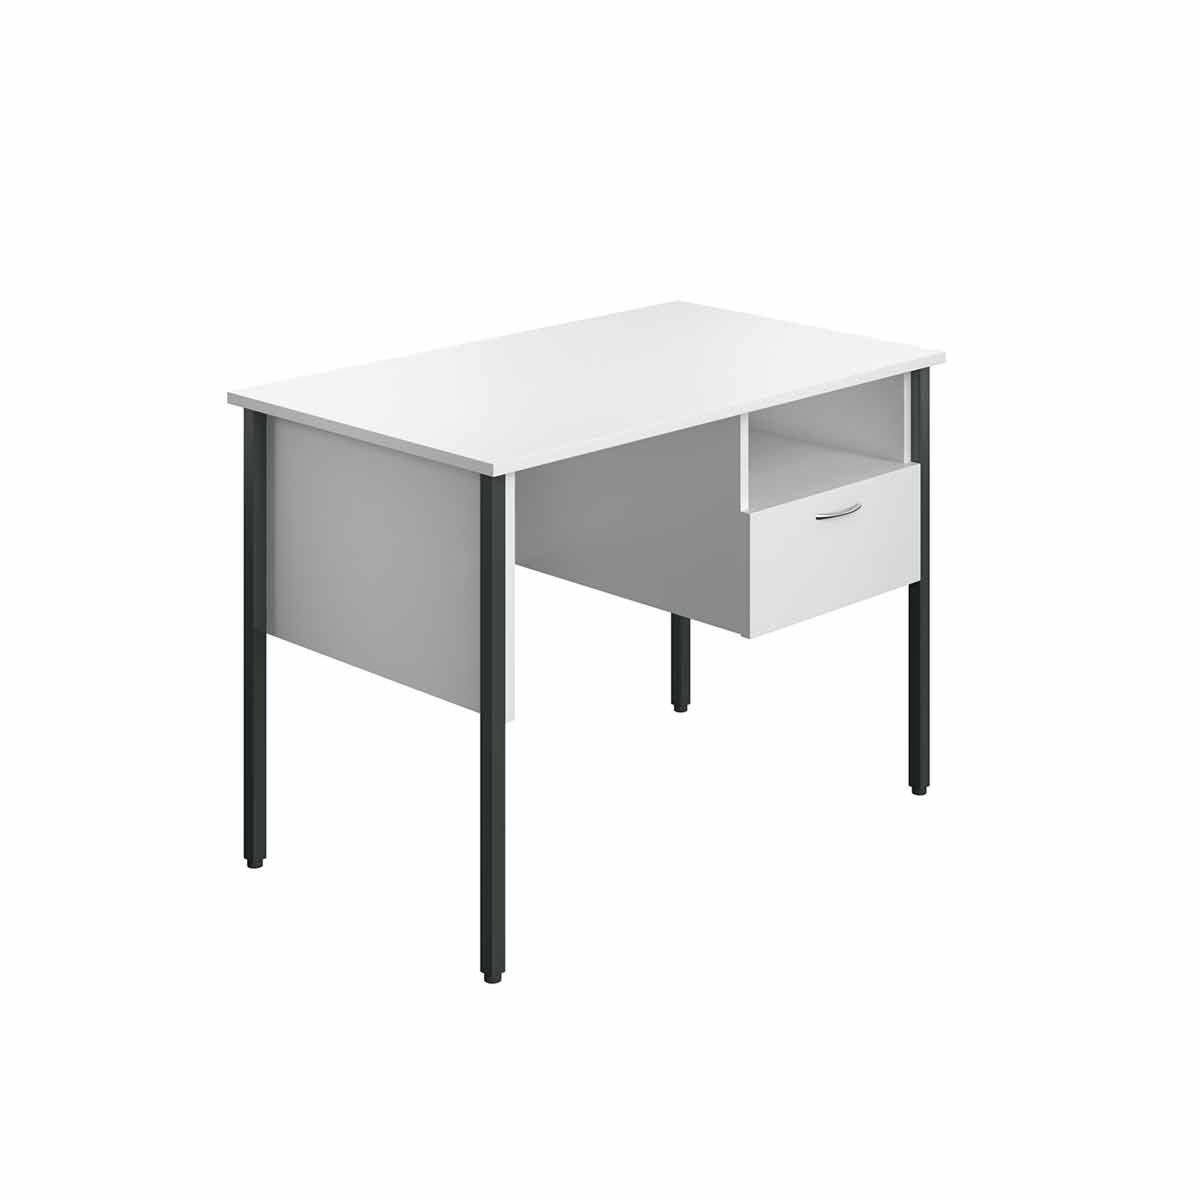 TC Office Eco 4 Leg Homework Desk with Drawer 100cm White